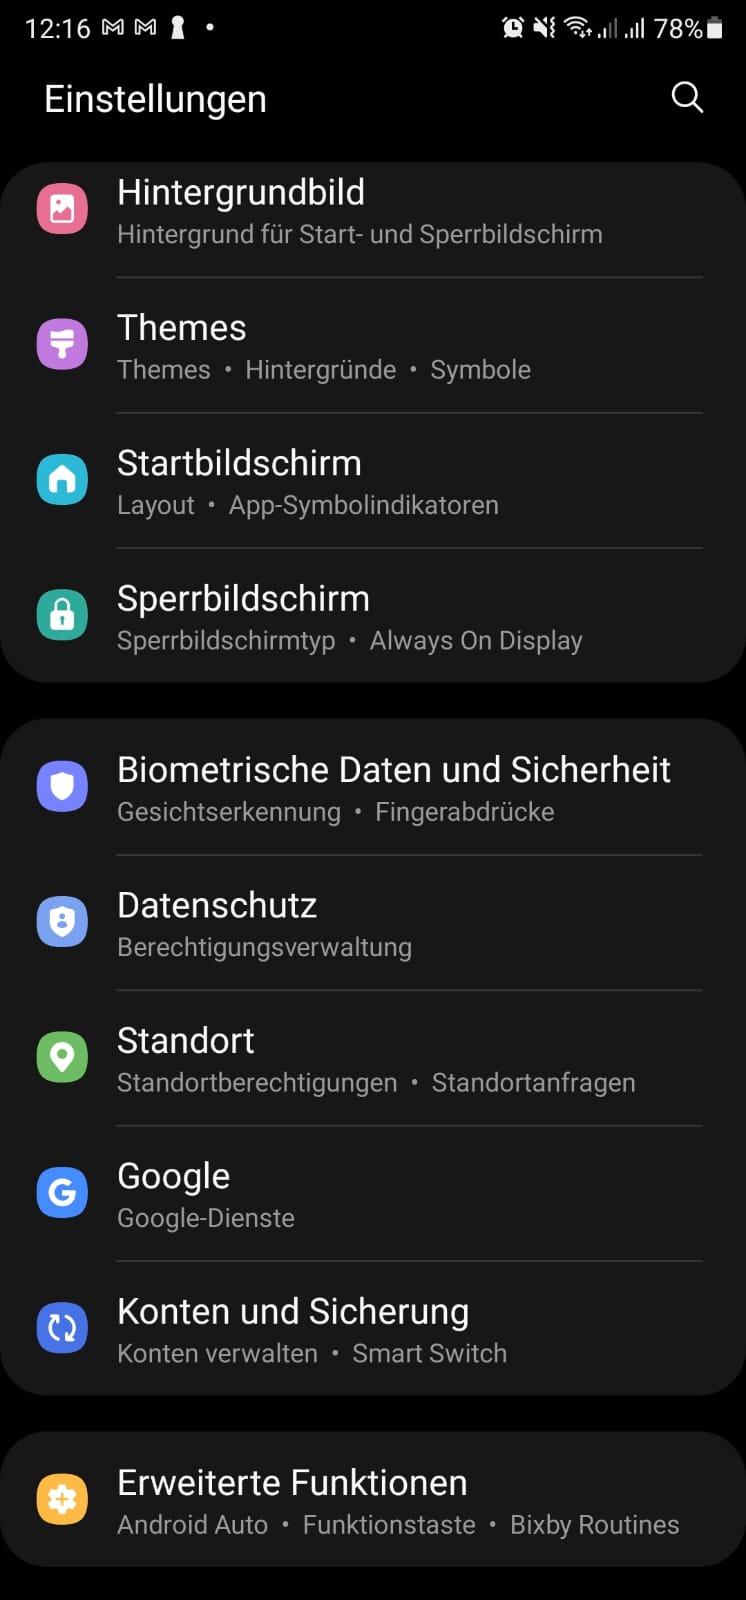 Samsung Galaxy Einstellungen